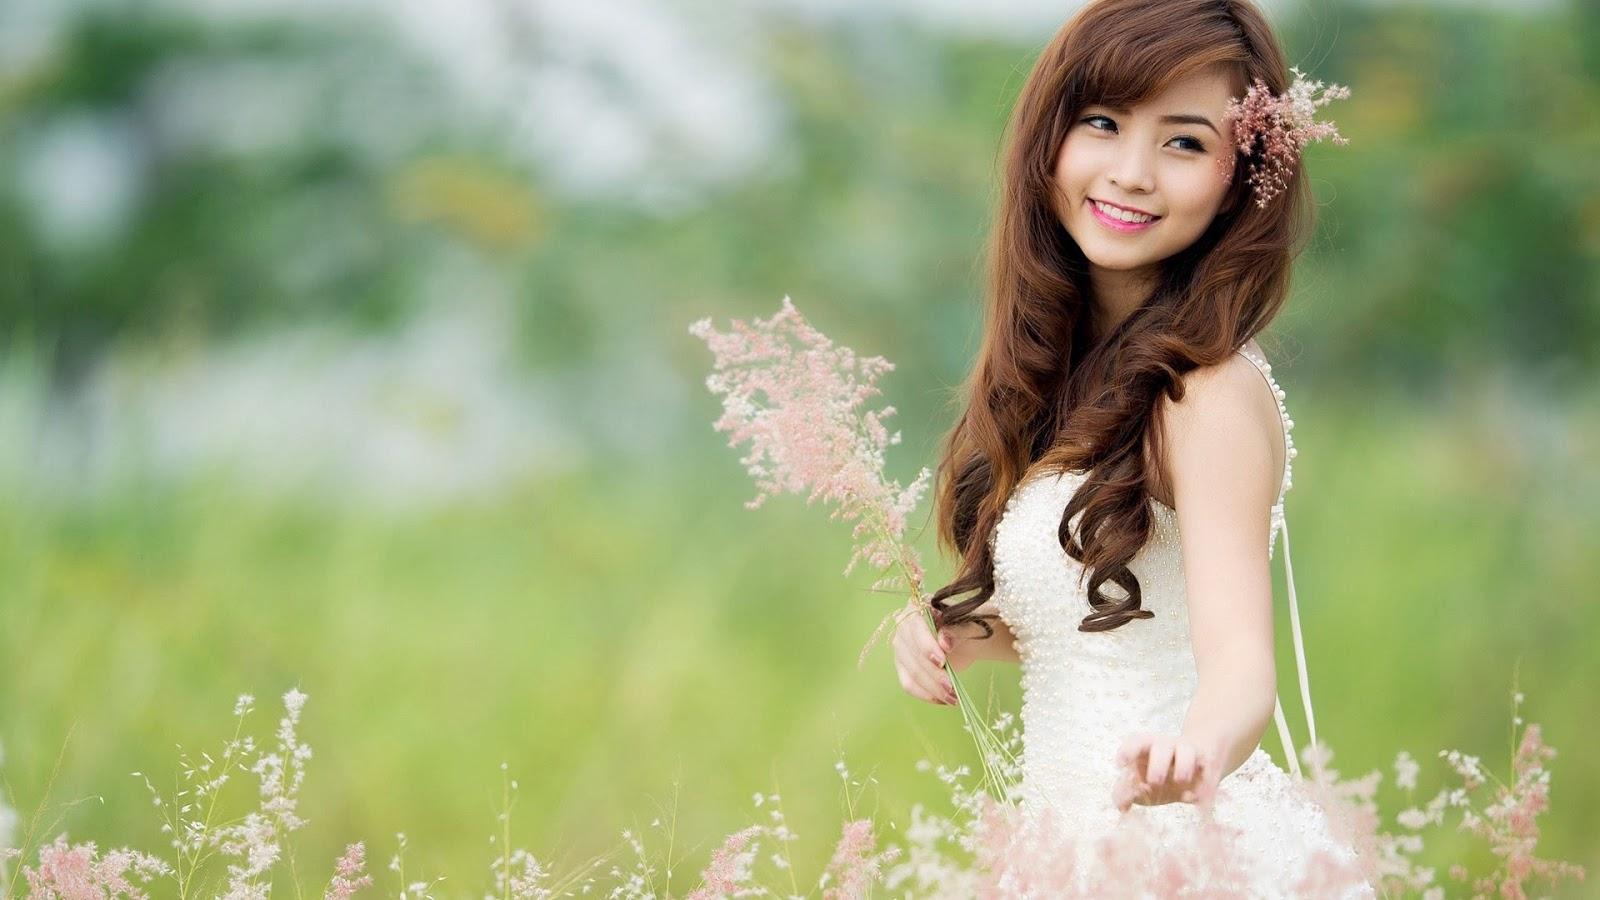 Model Girl Nana